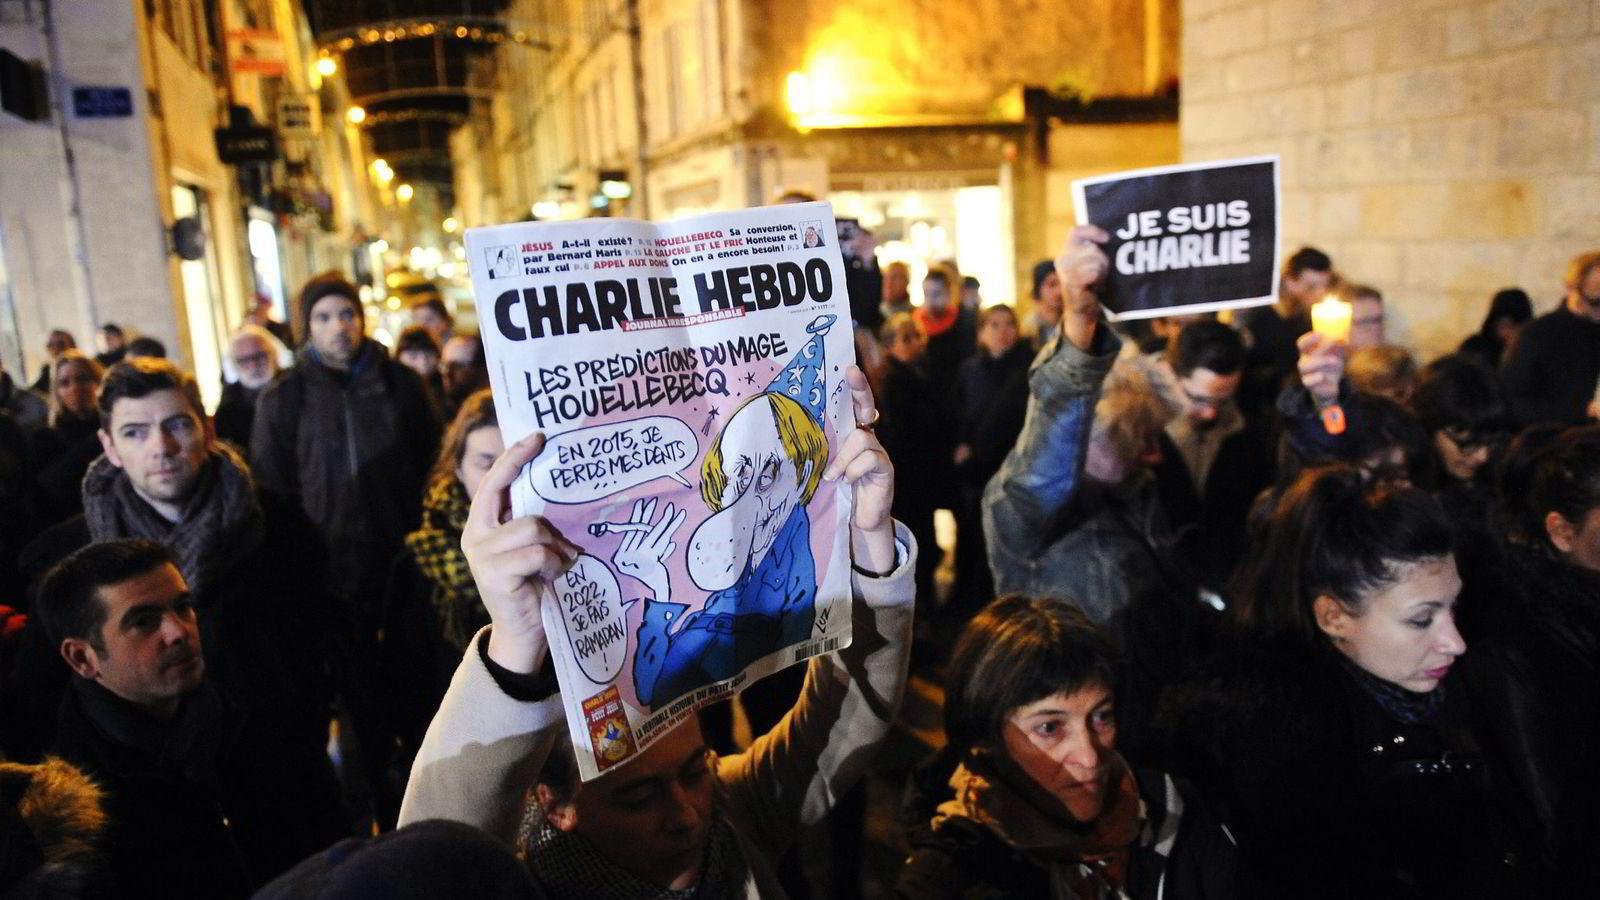 Tusenvis av mennesker har både gjennom demonstrasjoner og i sosiale medier erklært sin solidaritet med satirebladet Charlie Hebdo.                Foto: Xavier Leoty, AFP/NTB Scanpix